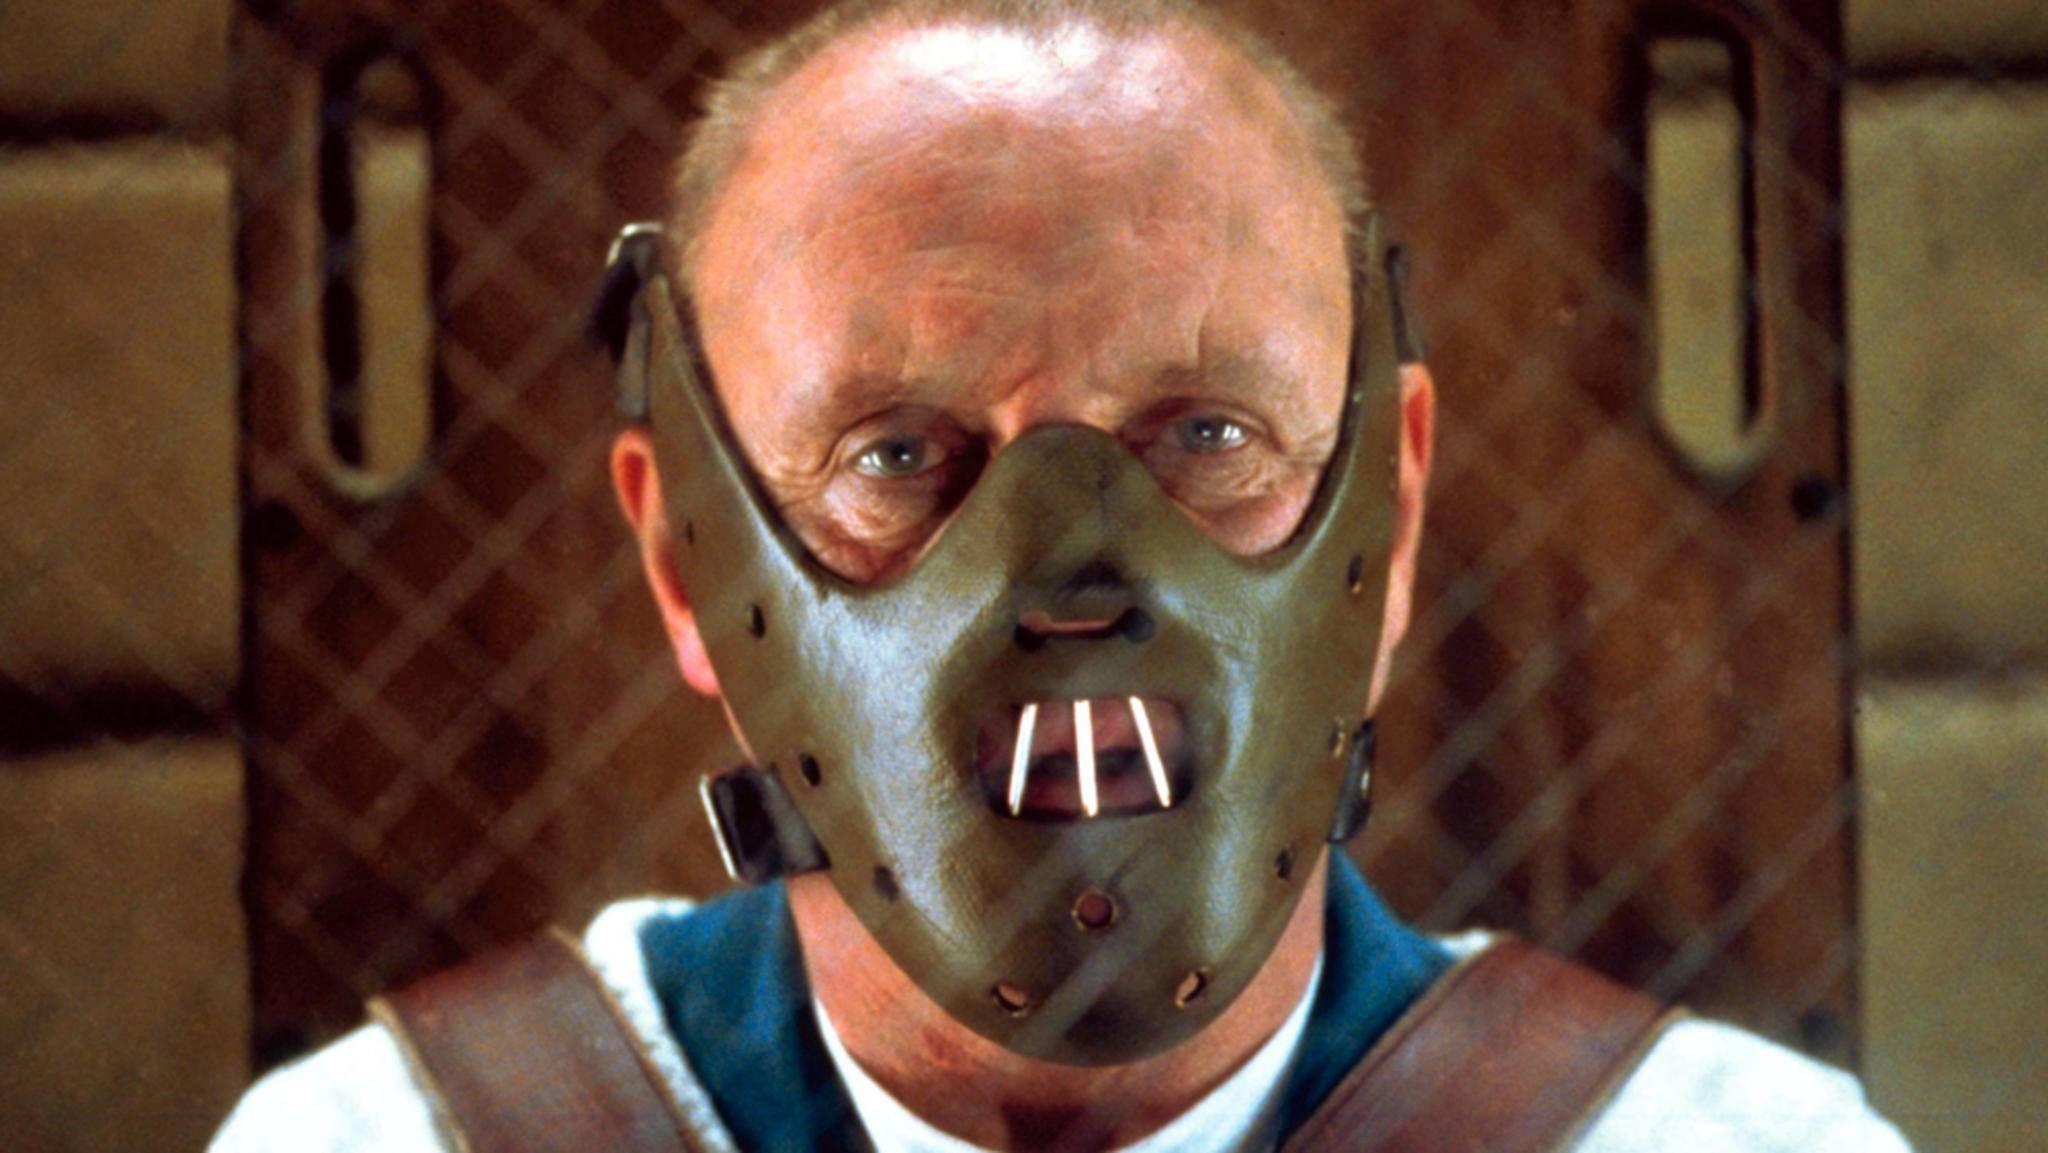 Vorsicht bissig: Anthony Hopkins machte Hannibal Lecter mit seiner Darbietung zum ikonischsten Kannibalen der Filmgeschichte.